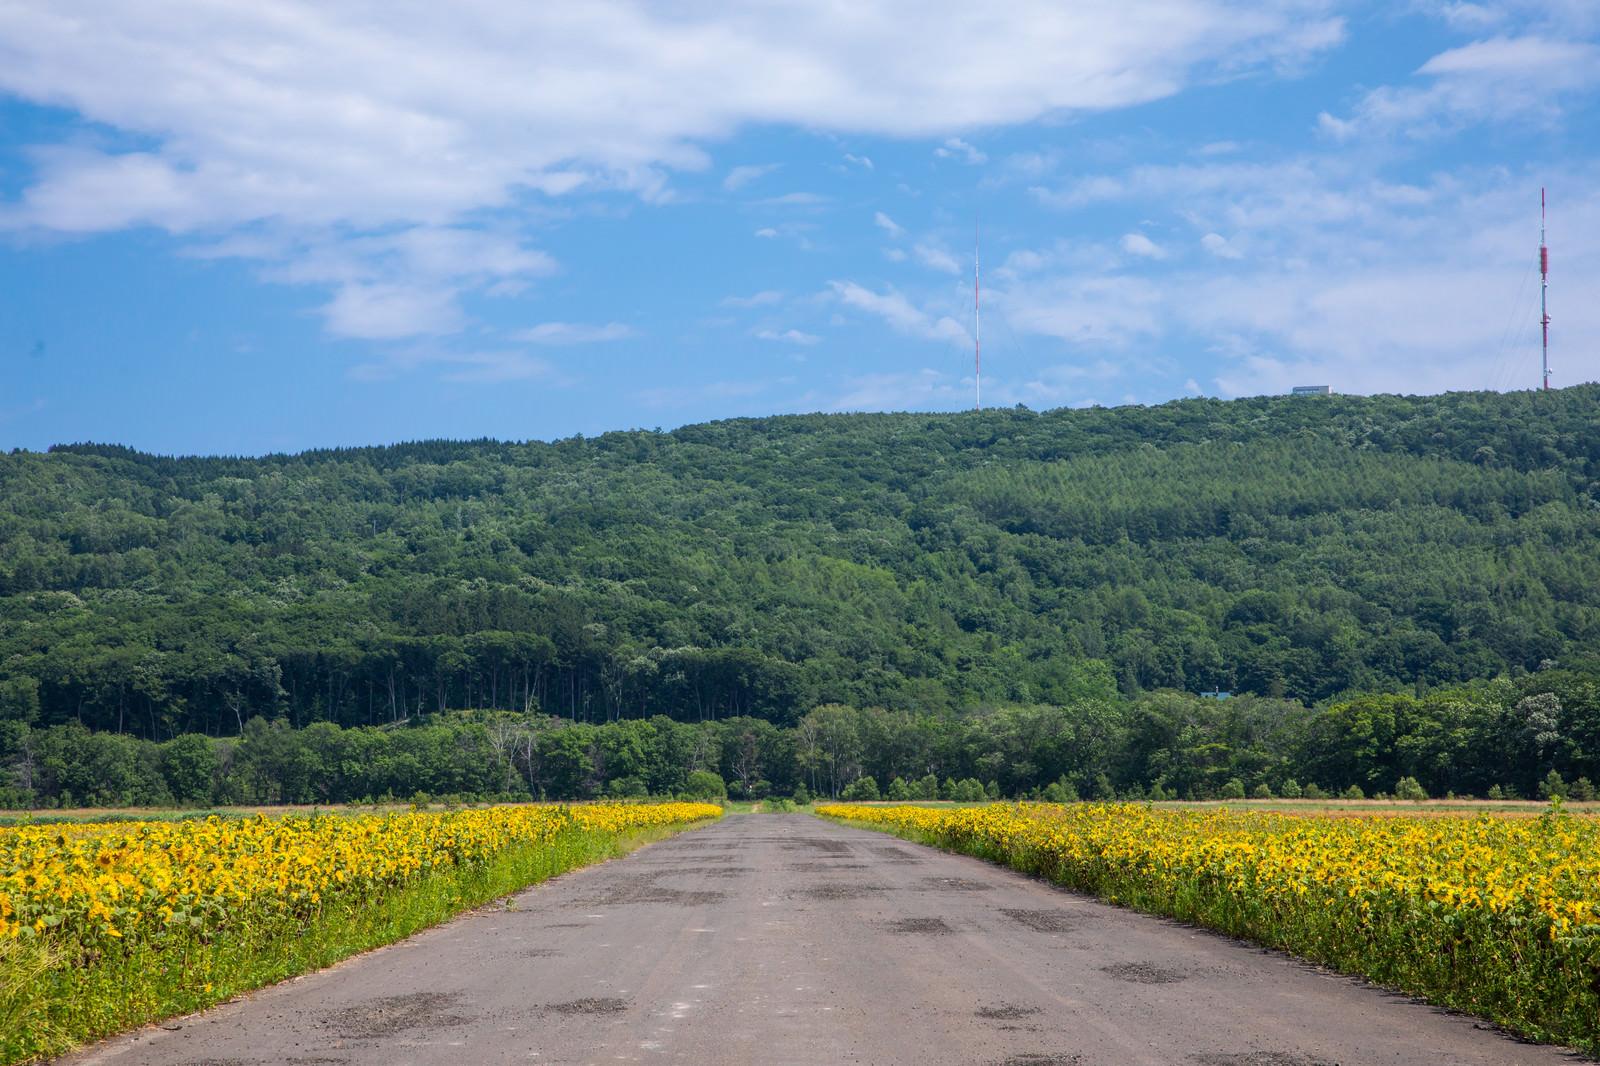 「道路沿いのヒマワリ畑」の写真